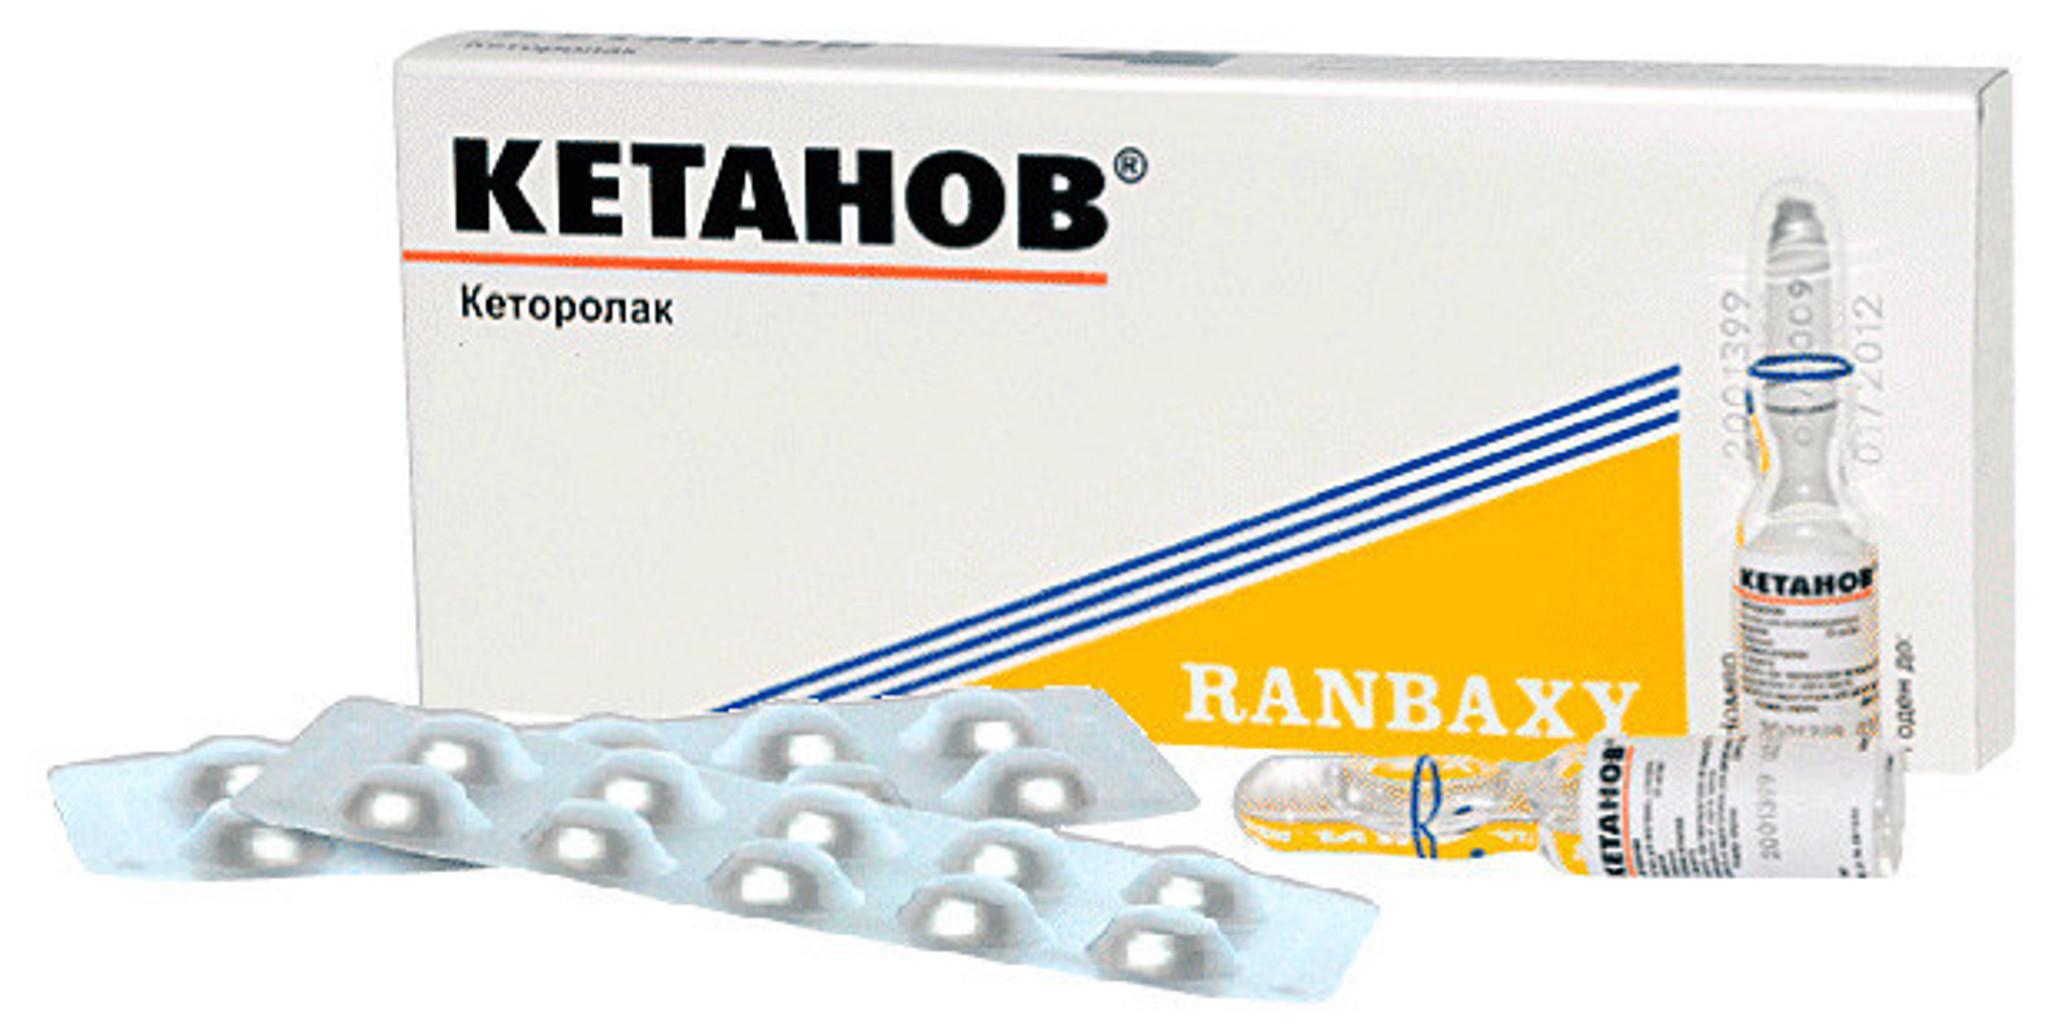 Buy KETANOV® (Ketorolac Toradol) 10mg/tab 20 tabs